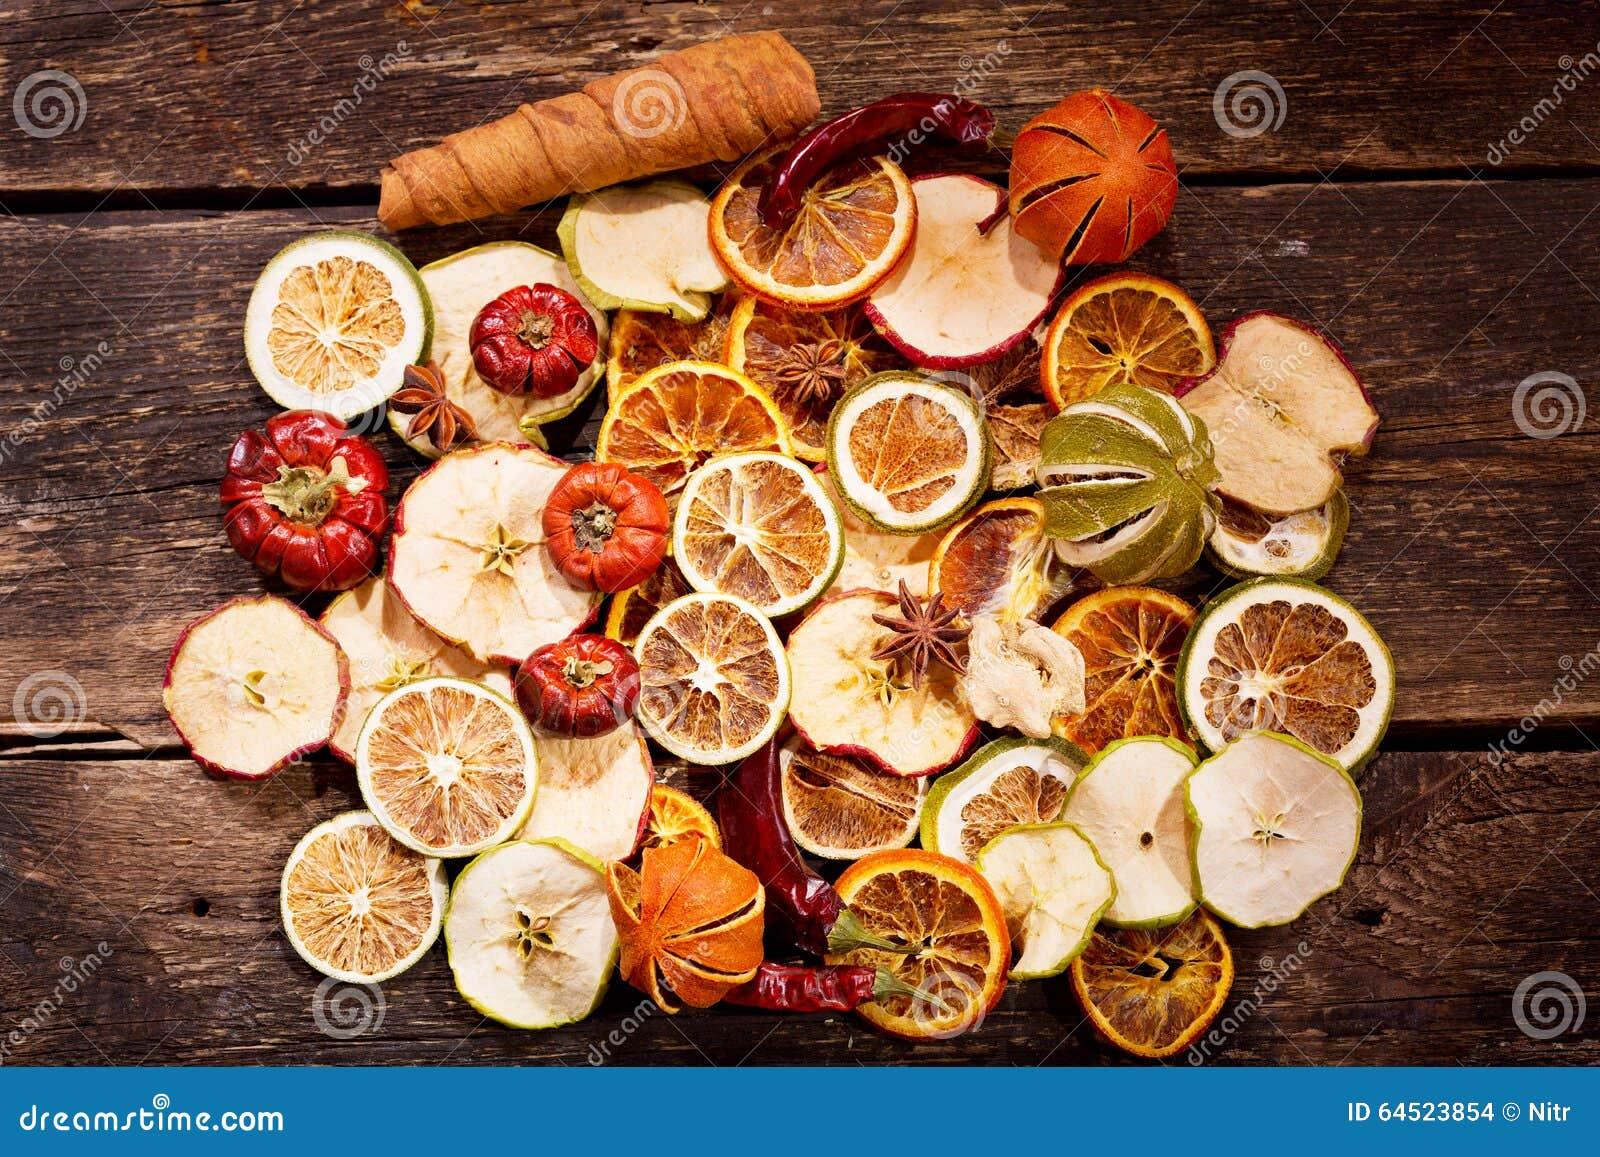 Décoration parfumée des fruits secs